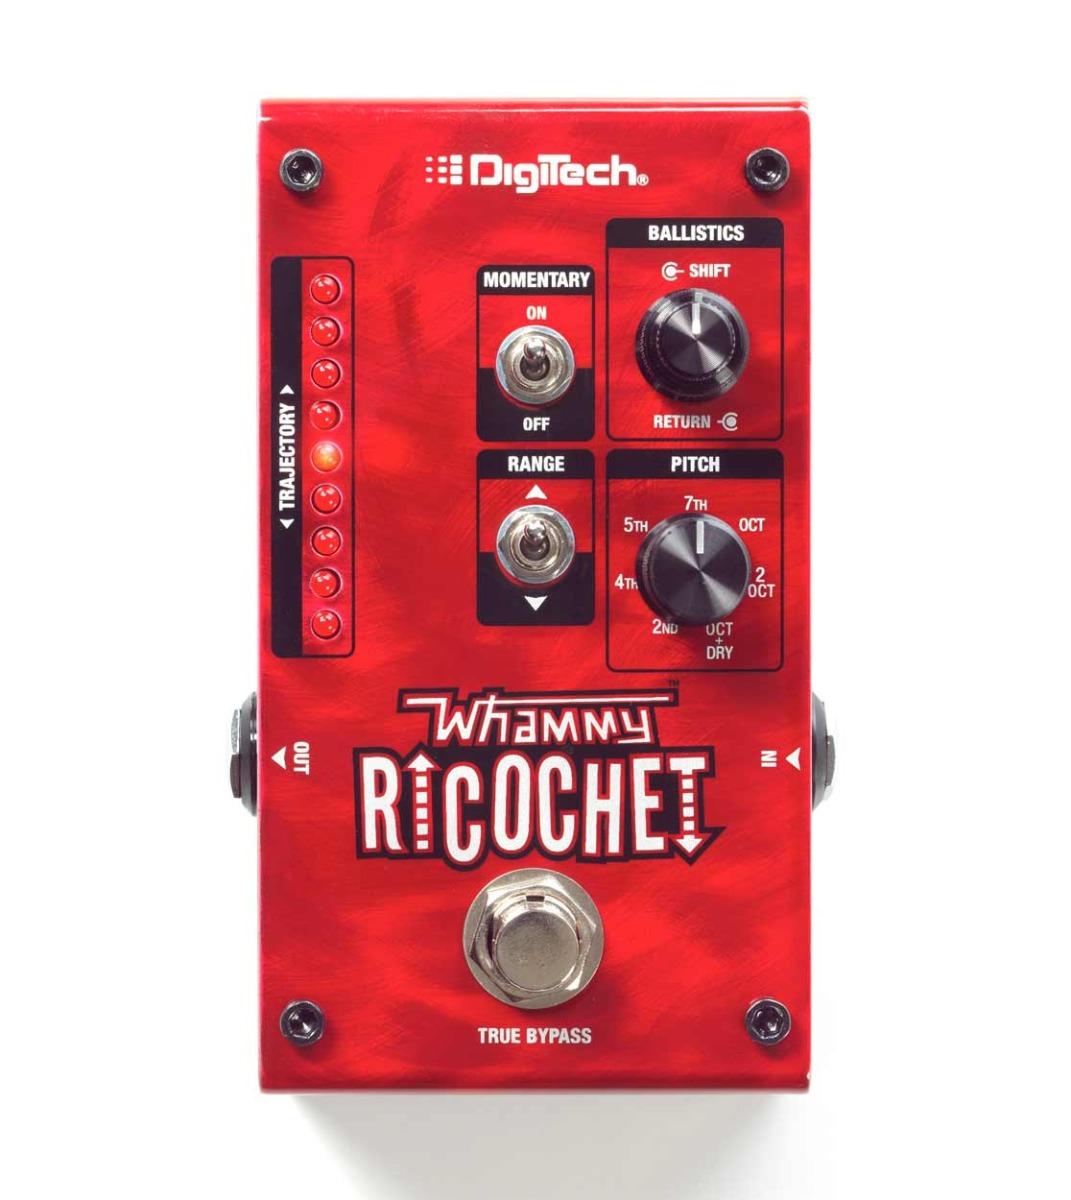 Digitech Whammy Ricochet guitar-effekt-pedal